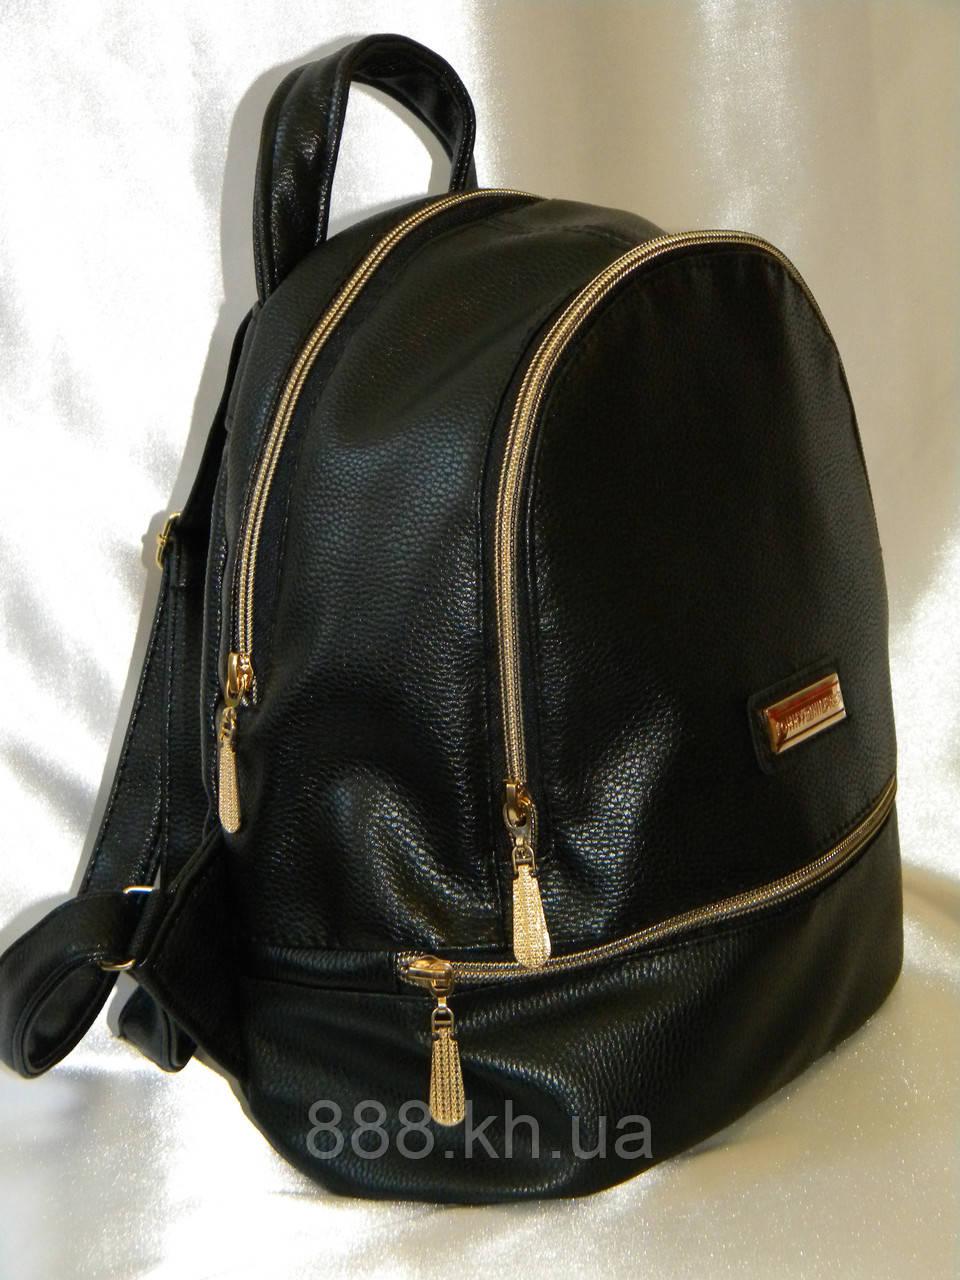 Женский рюкзак кожаный Tommy Hilfiger, женский городской рюкзак черный не оригинал